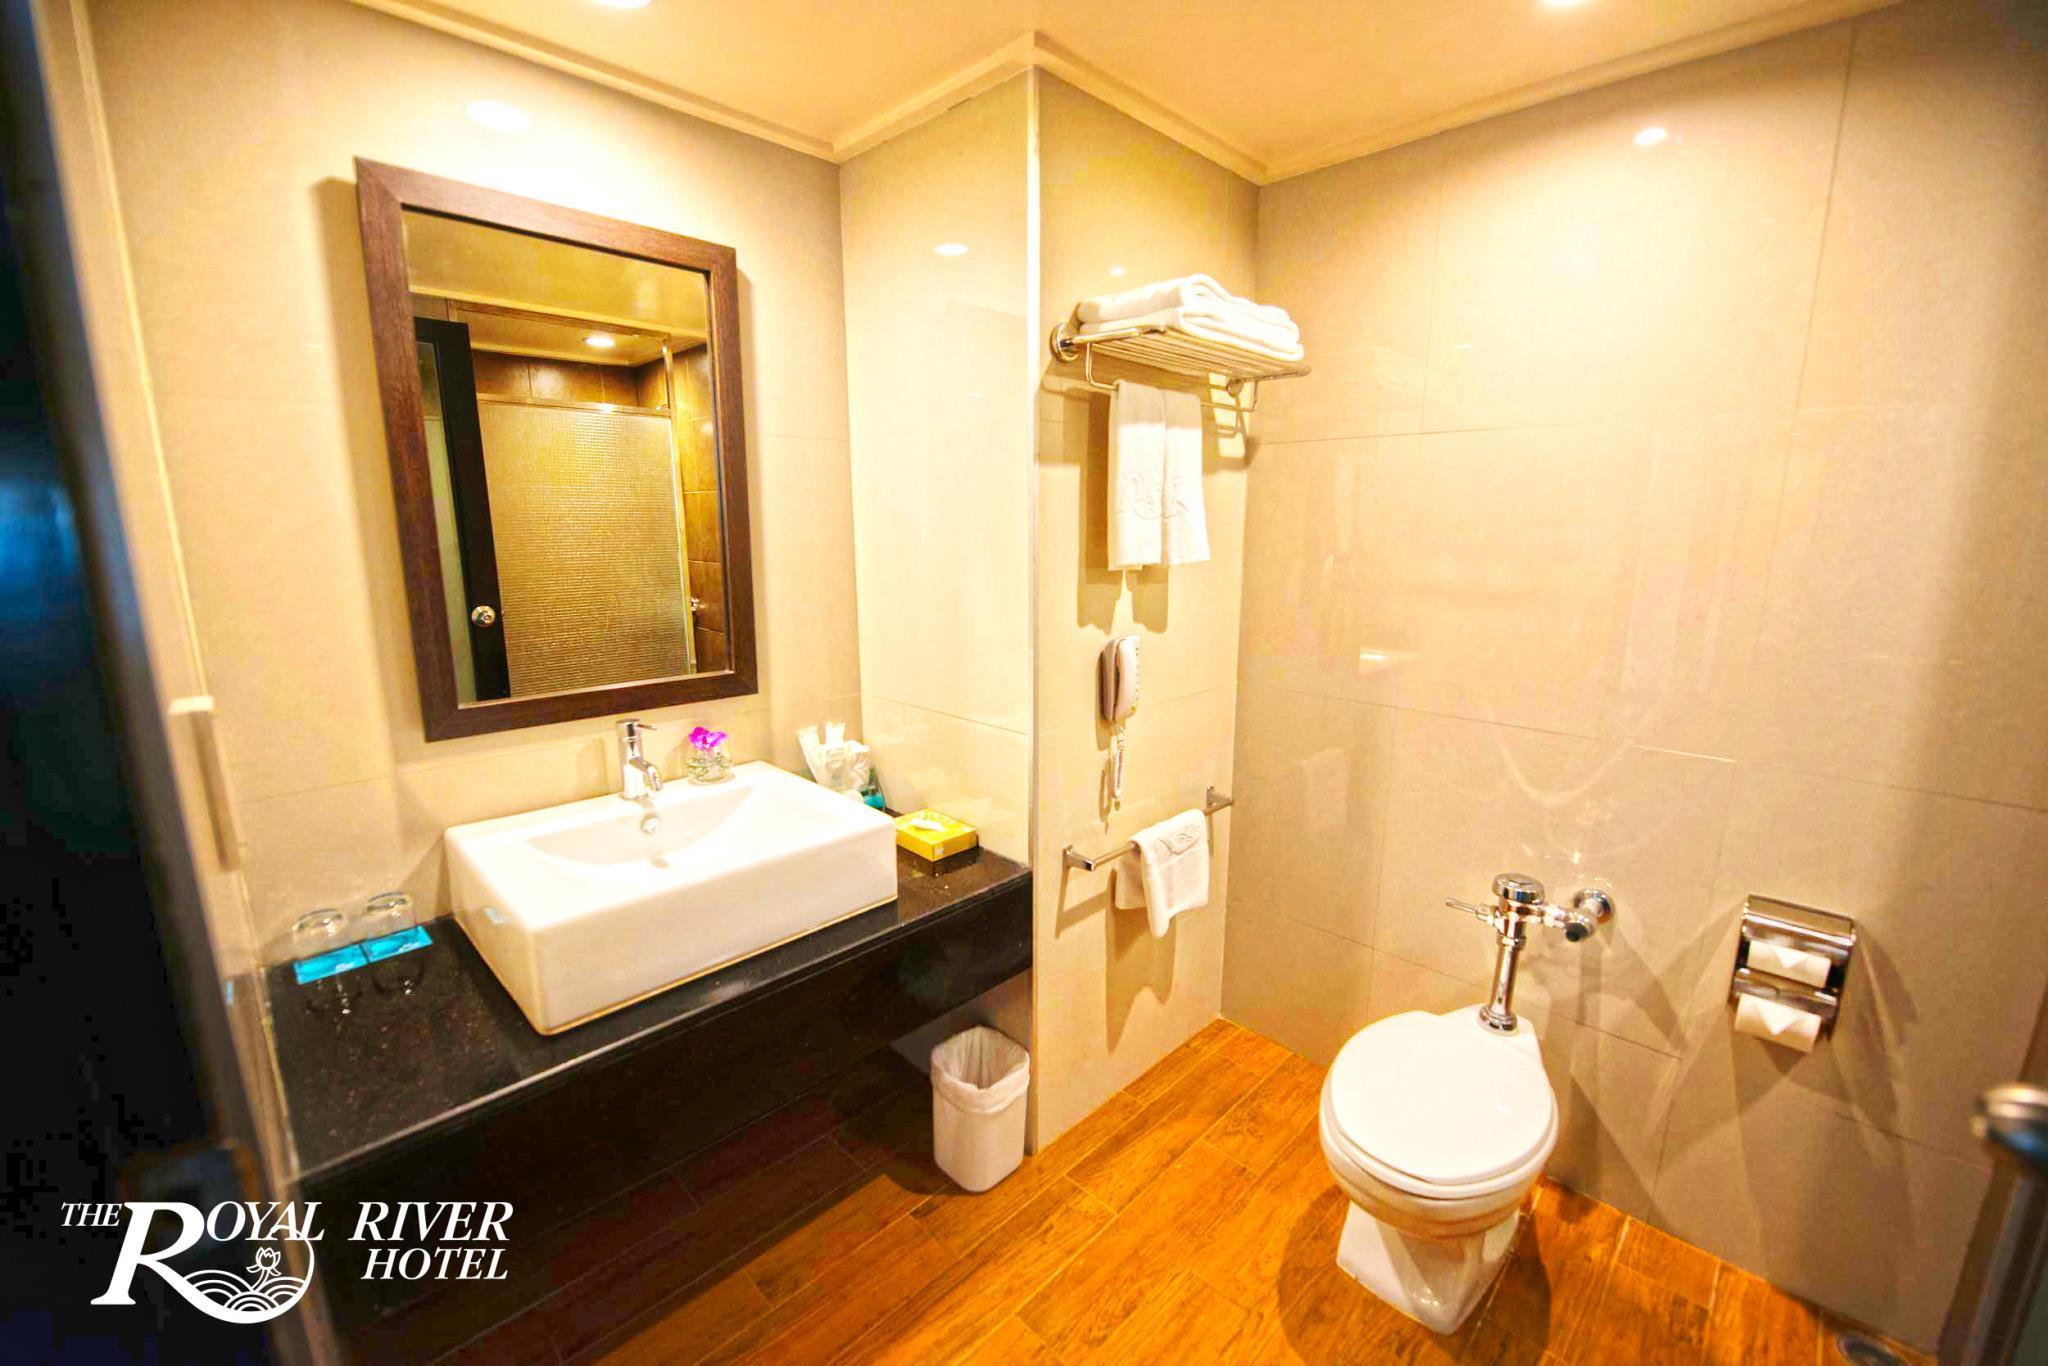 โรงแรม เดอะ รอยัล ริเวอร์